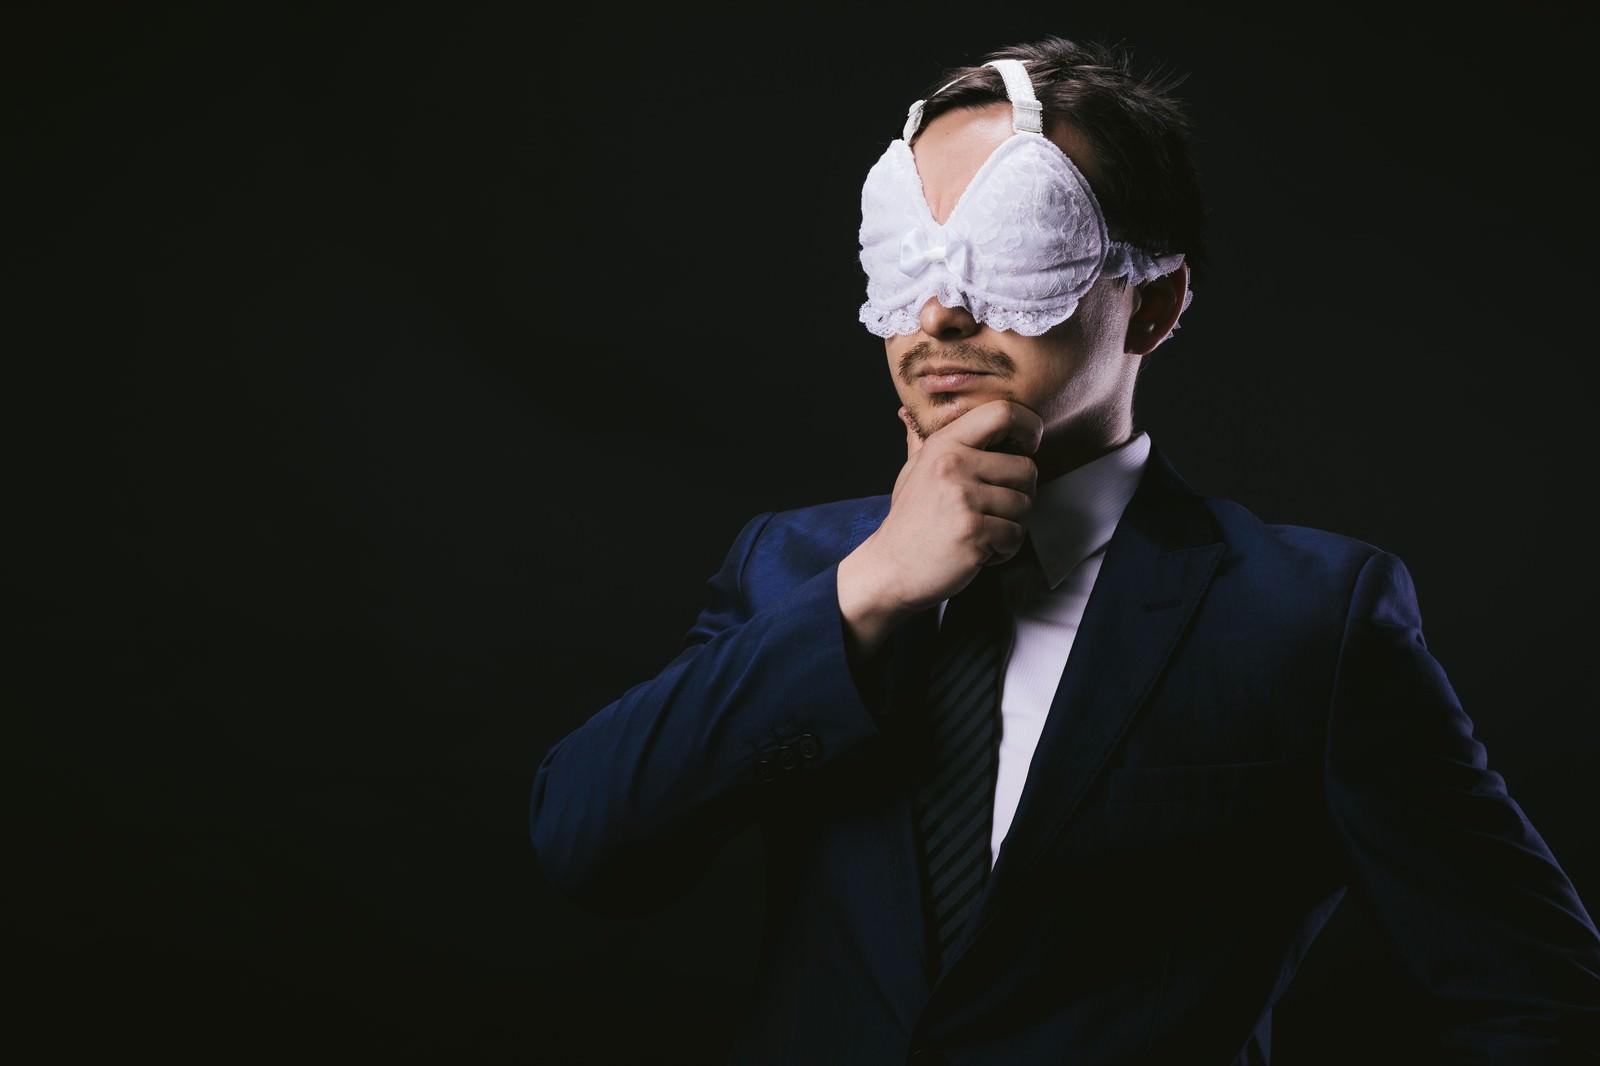 「絶妙なフィット感のアイマスクに満足する会社員」の写真[モデル:Max_Ezaki]